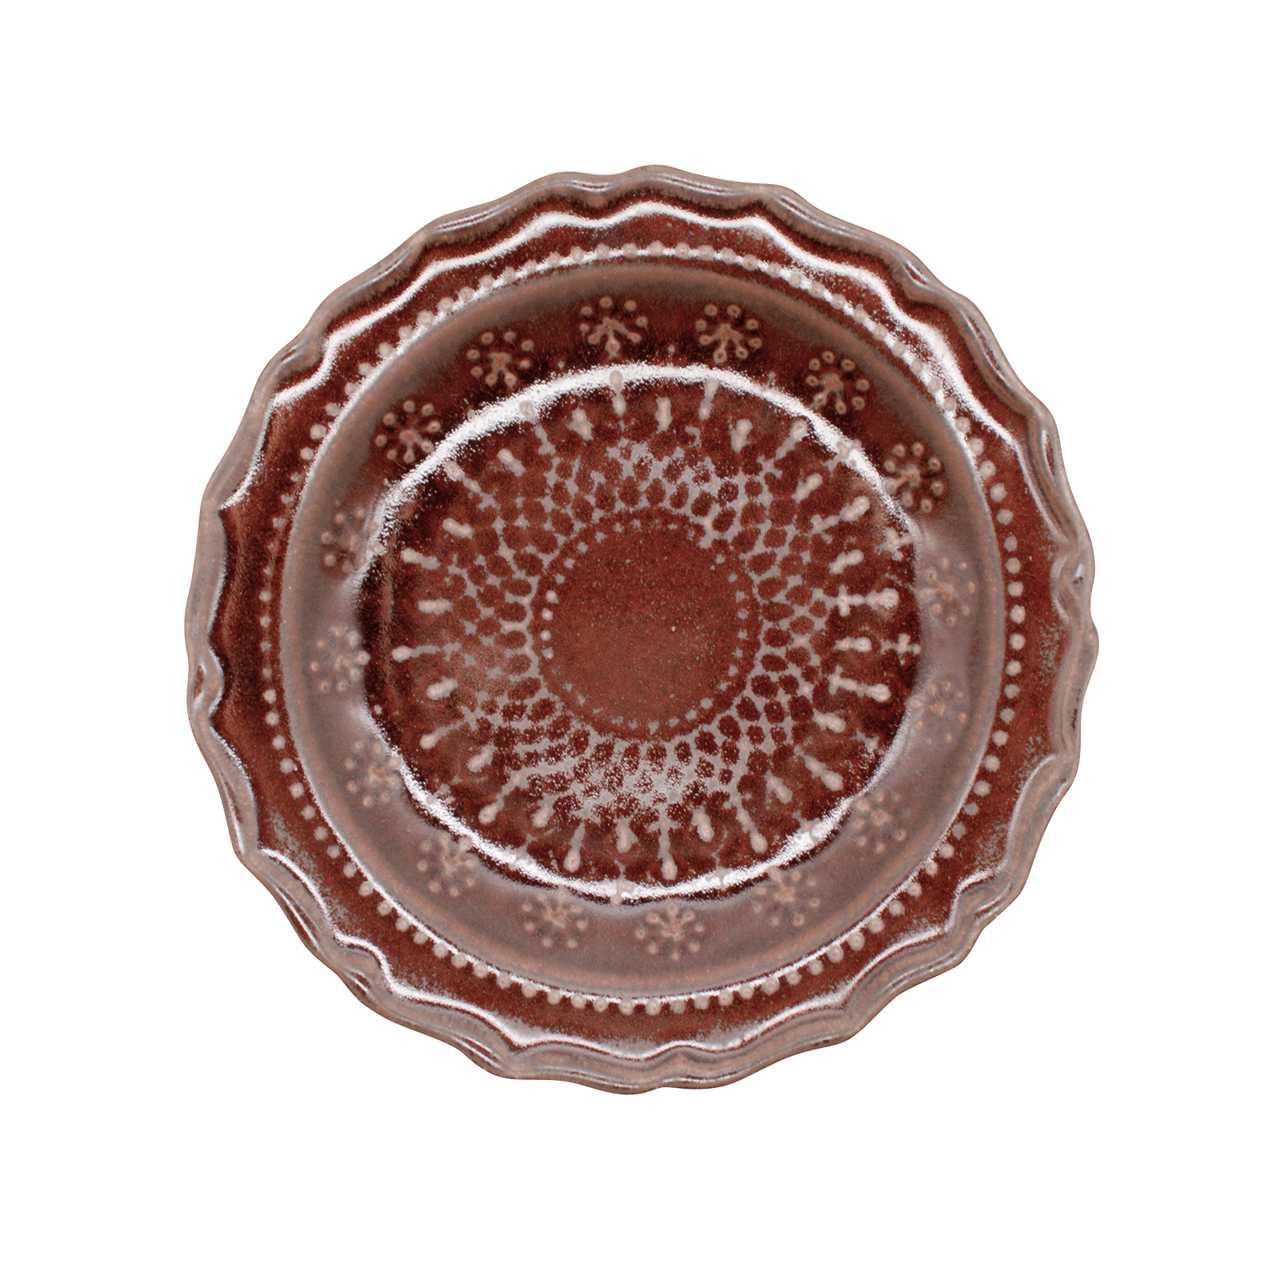 益子焼 わかさま陶芸 「フレンチレース」 プレート 皿 S 約16cm ブラウン 256029